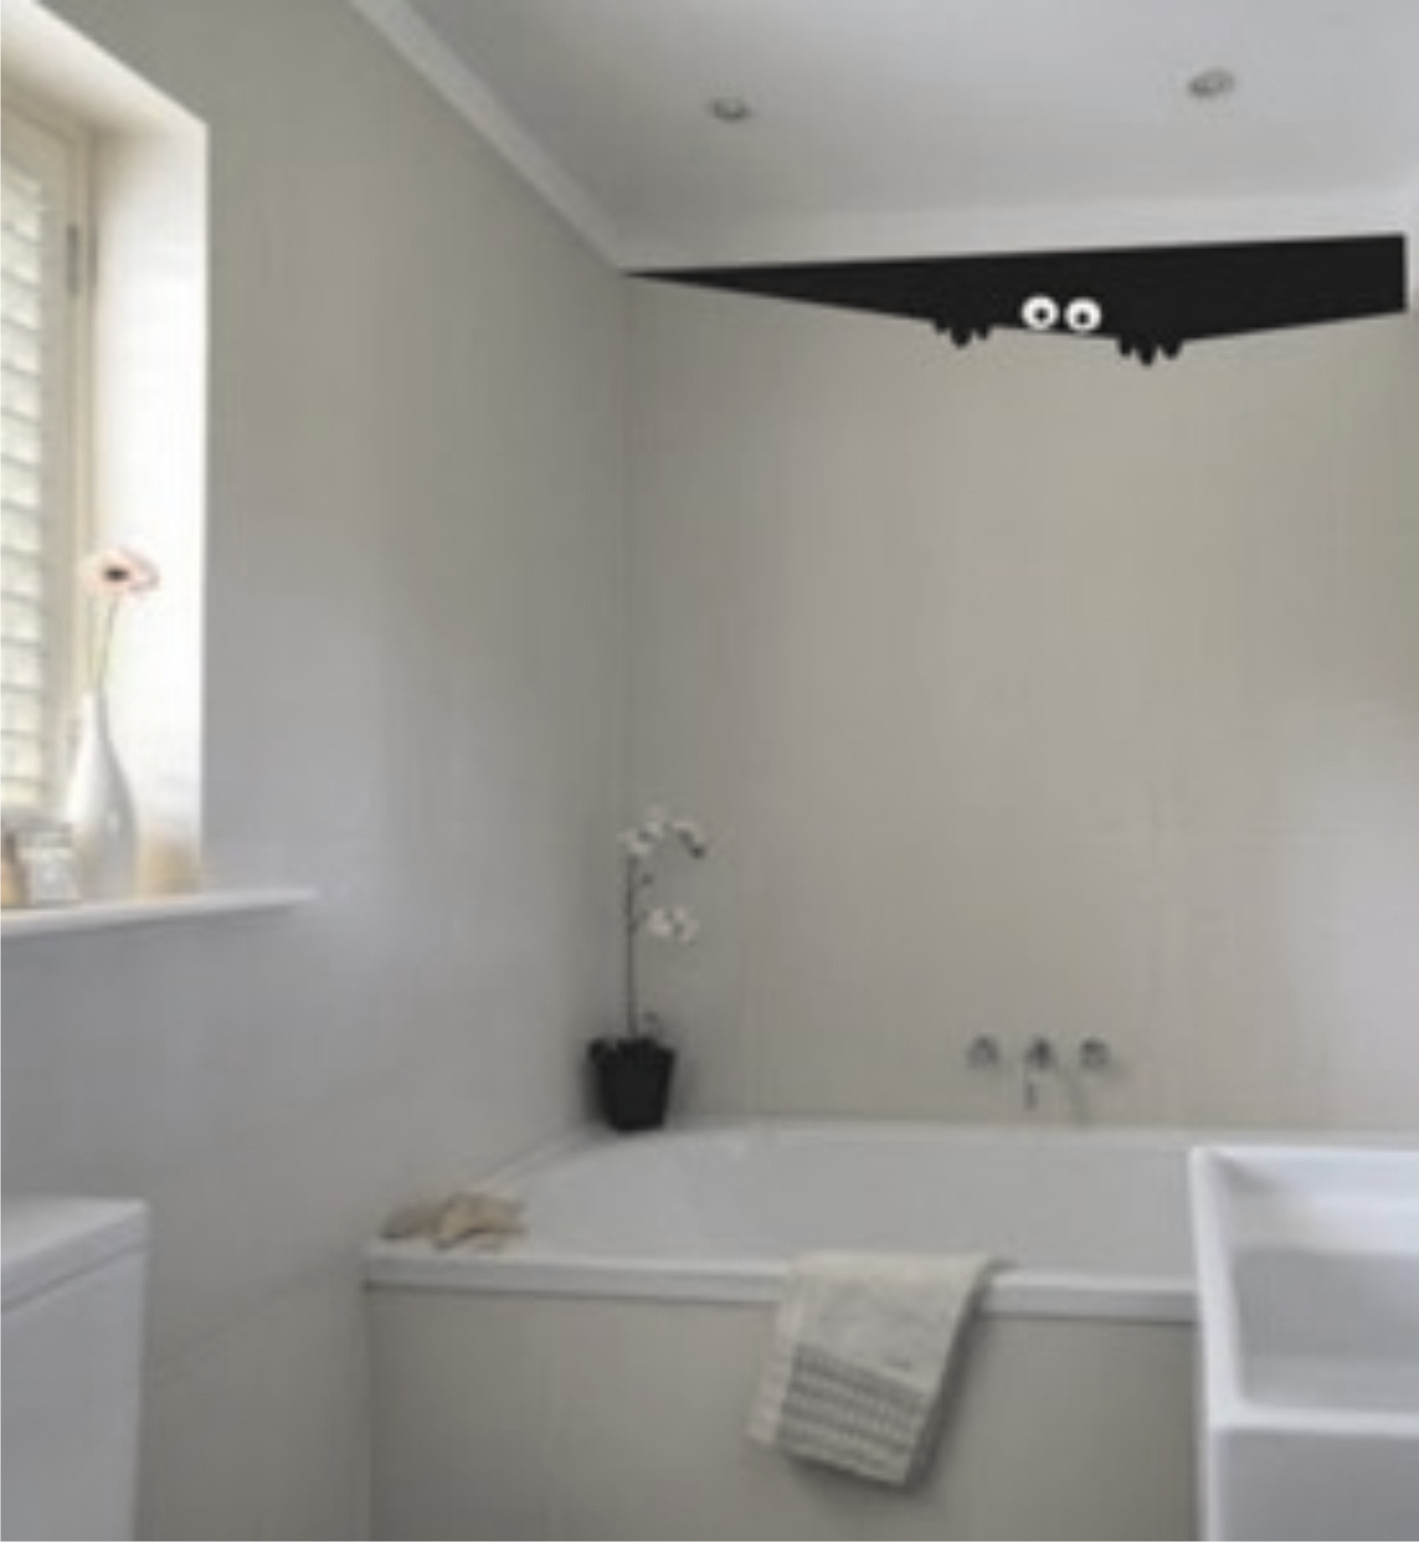 ... decorativo - espiando do teto Adesivo decorativo - espiando do teto